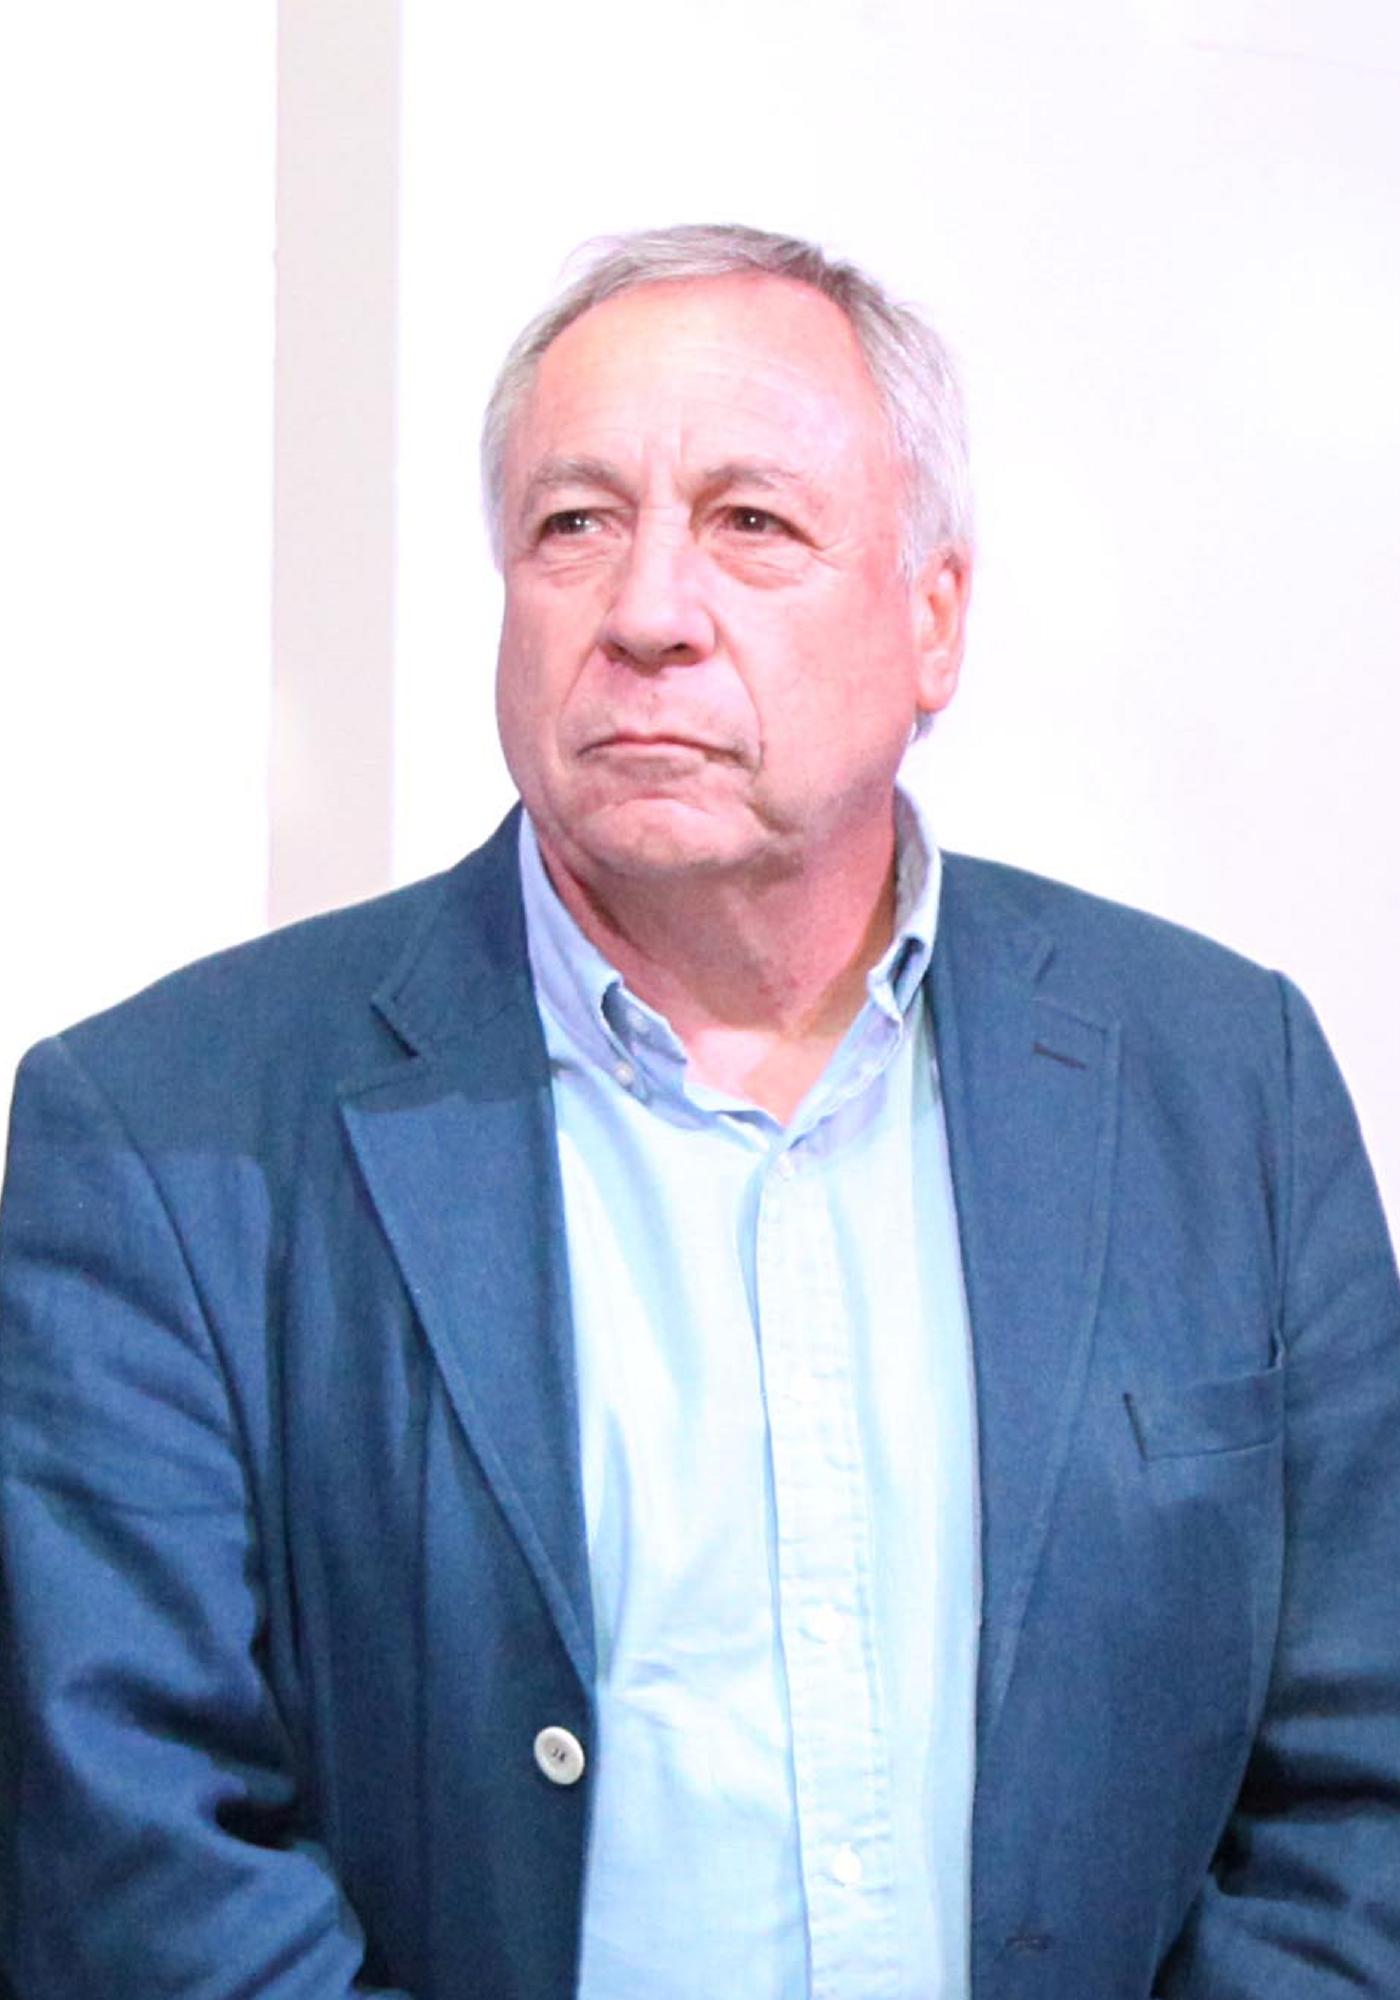 Jaureguí José María